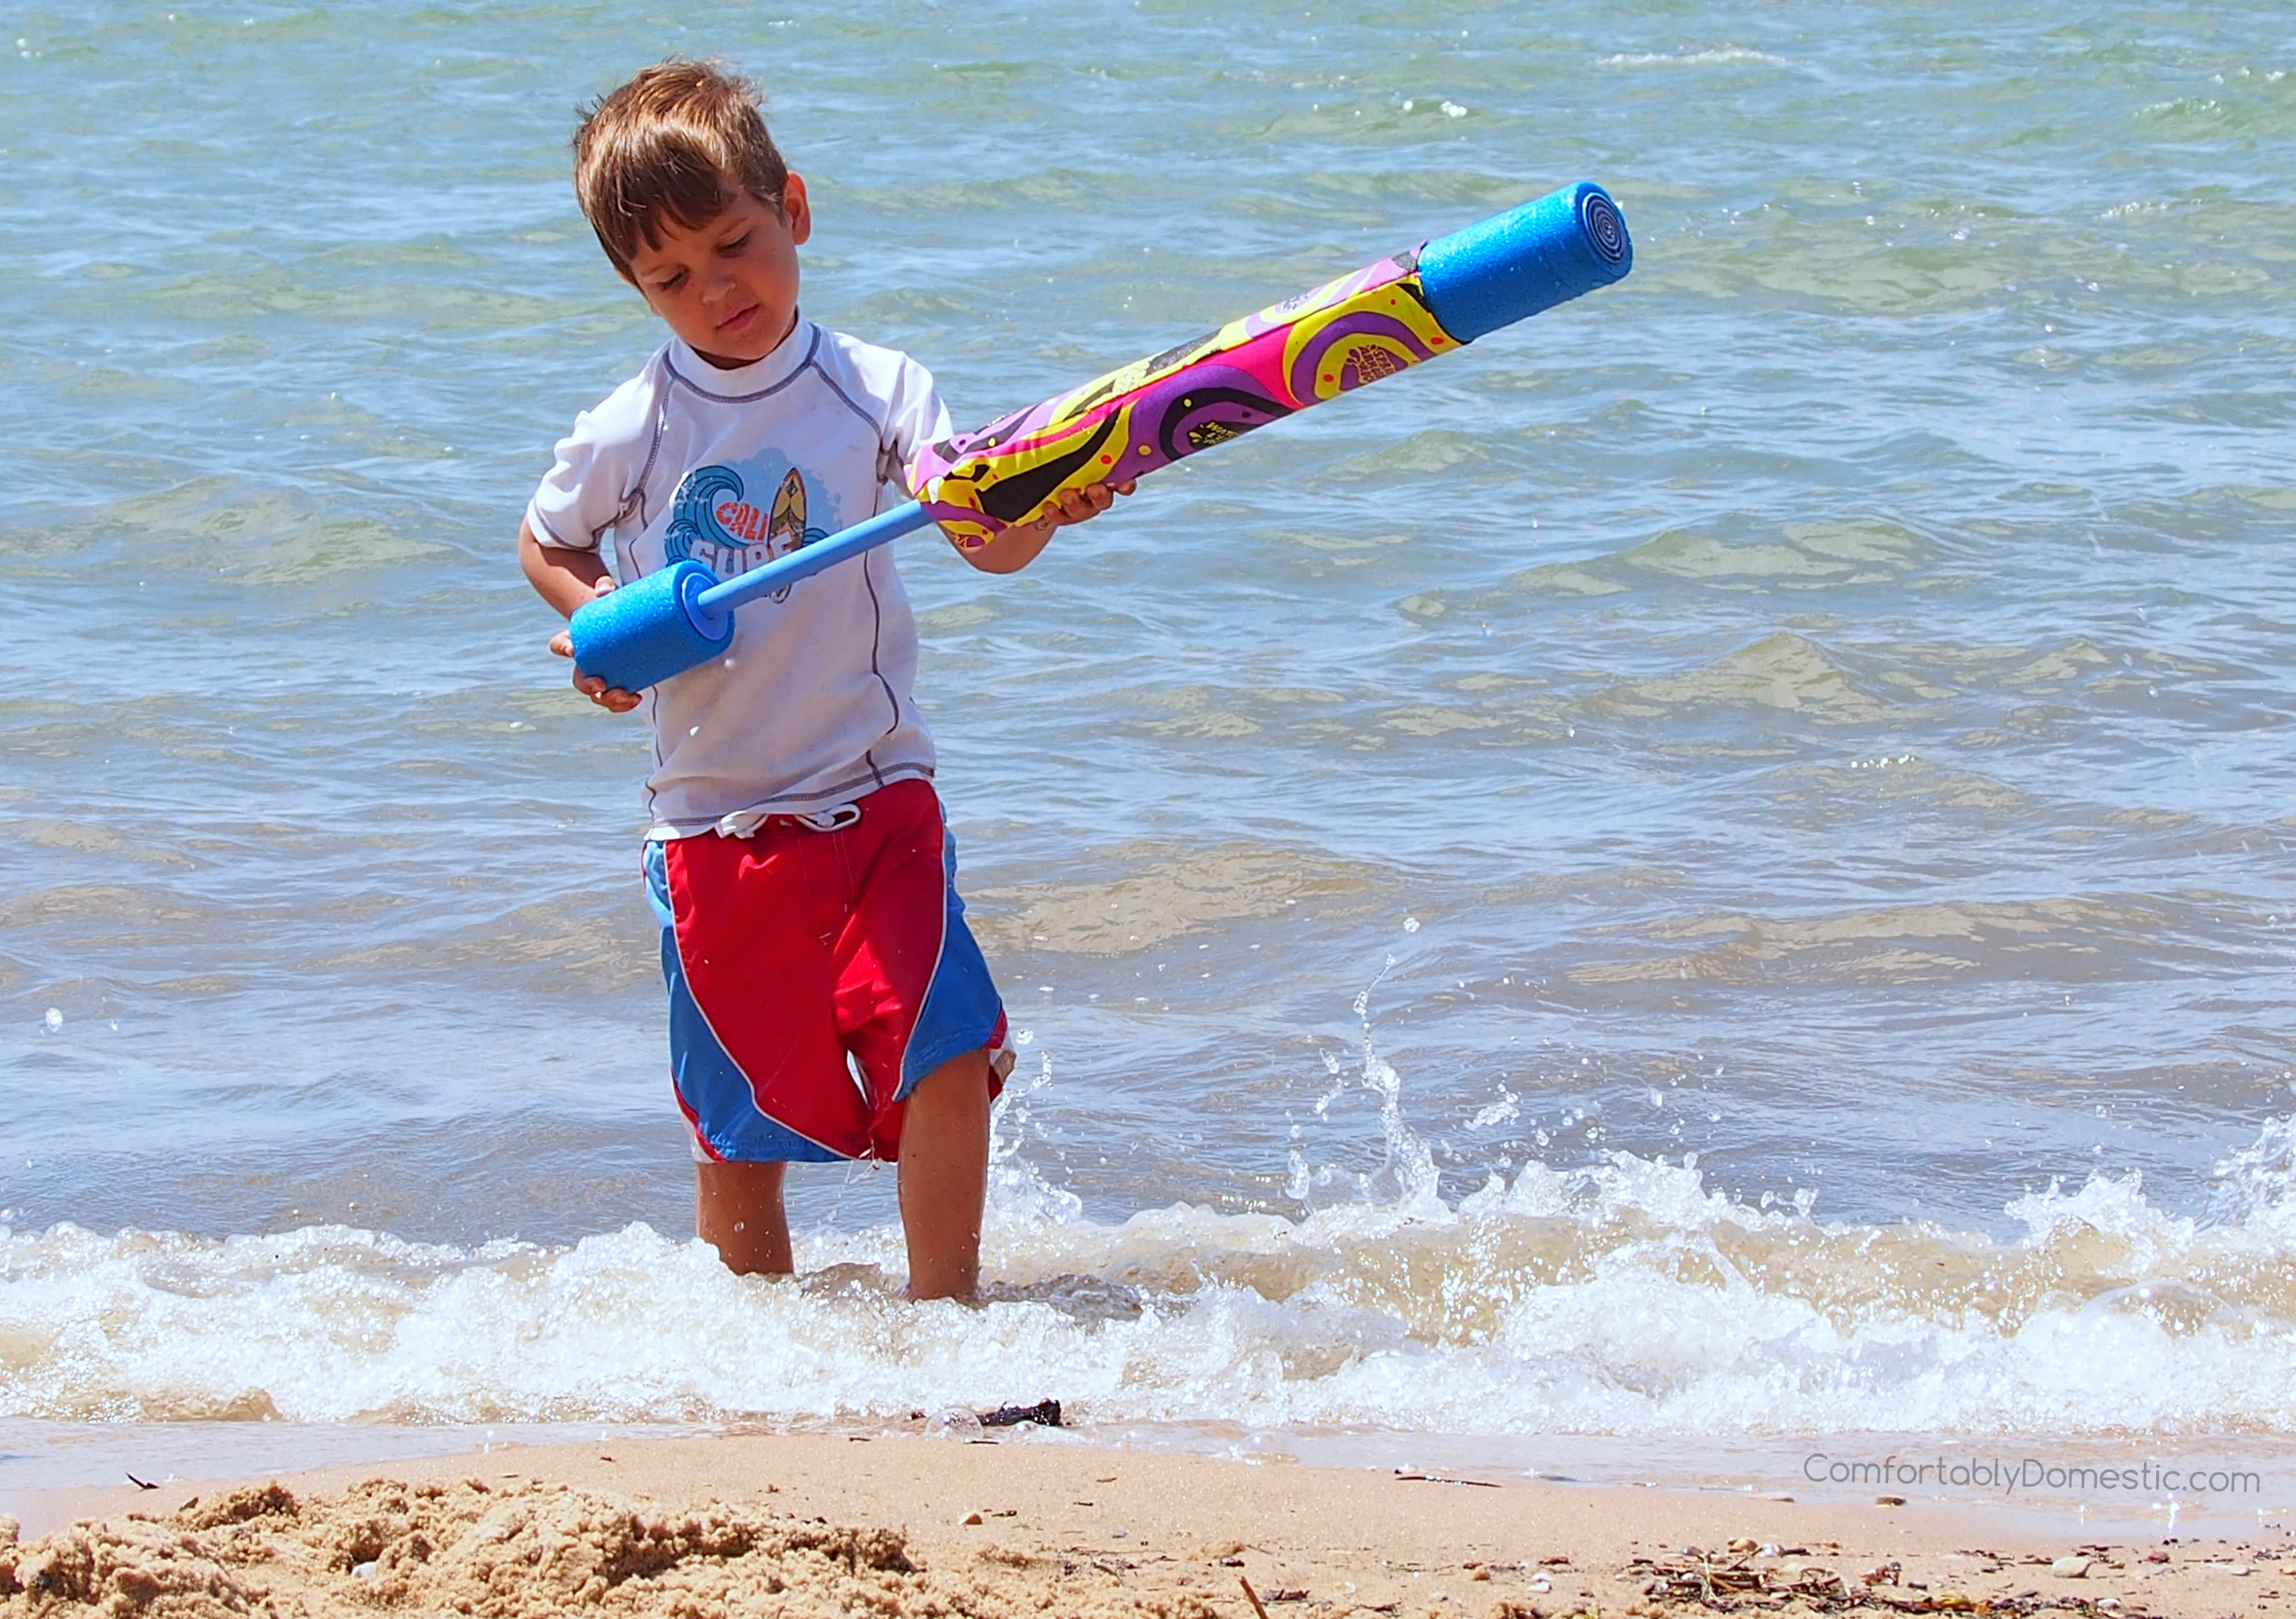 son #4 beach day